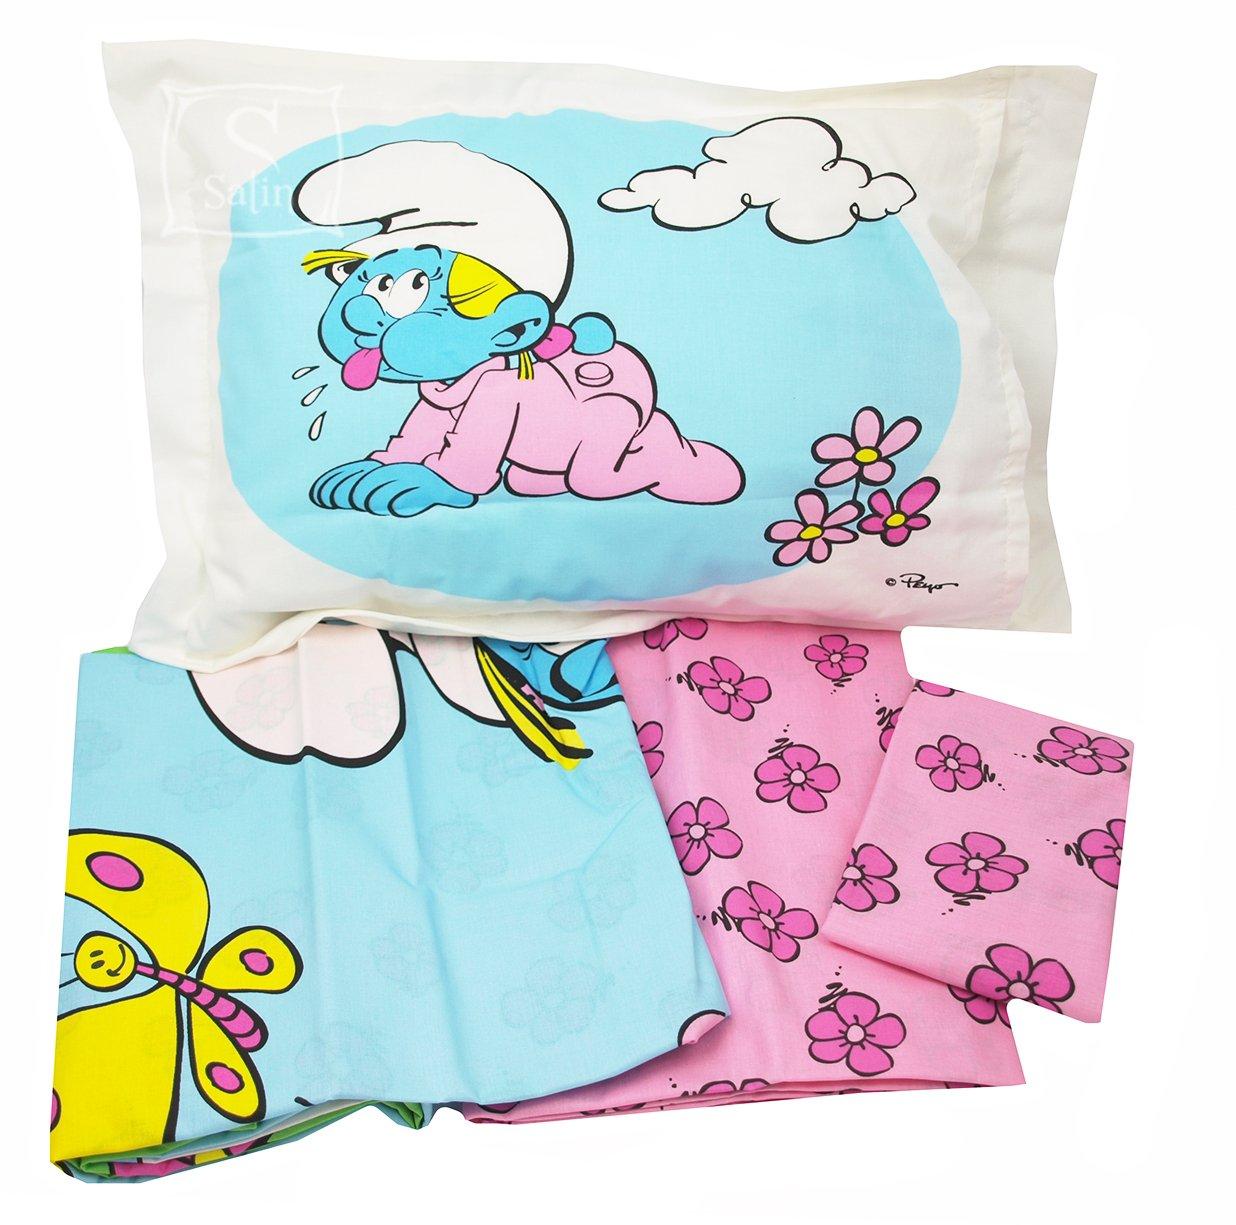 SIRINLER PINK BABY упаковка Постельное белье в детскую кроватку TAC.  SIRINLER PINK BABY комплект ... 5987ee2be98c1